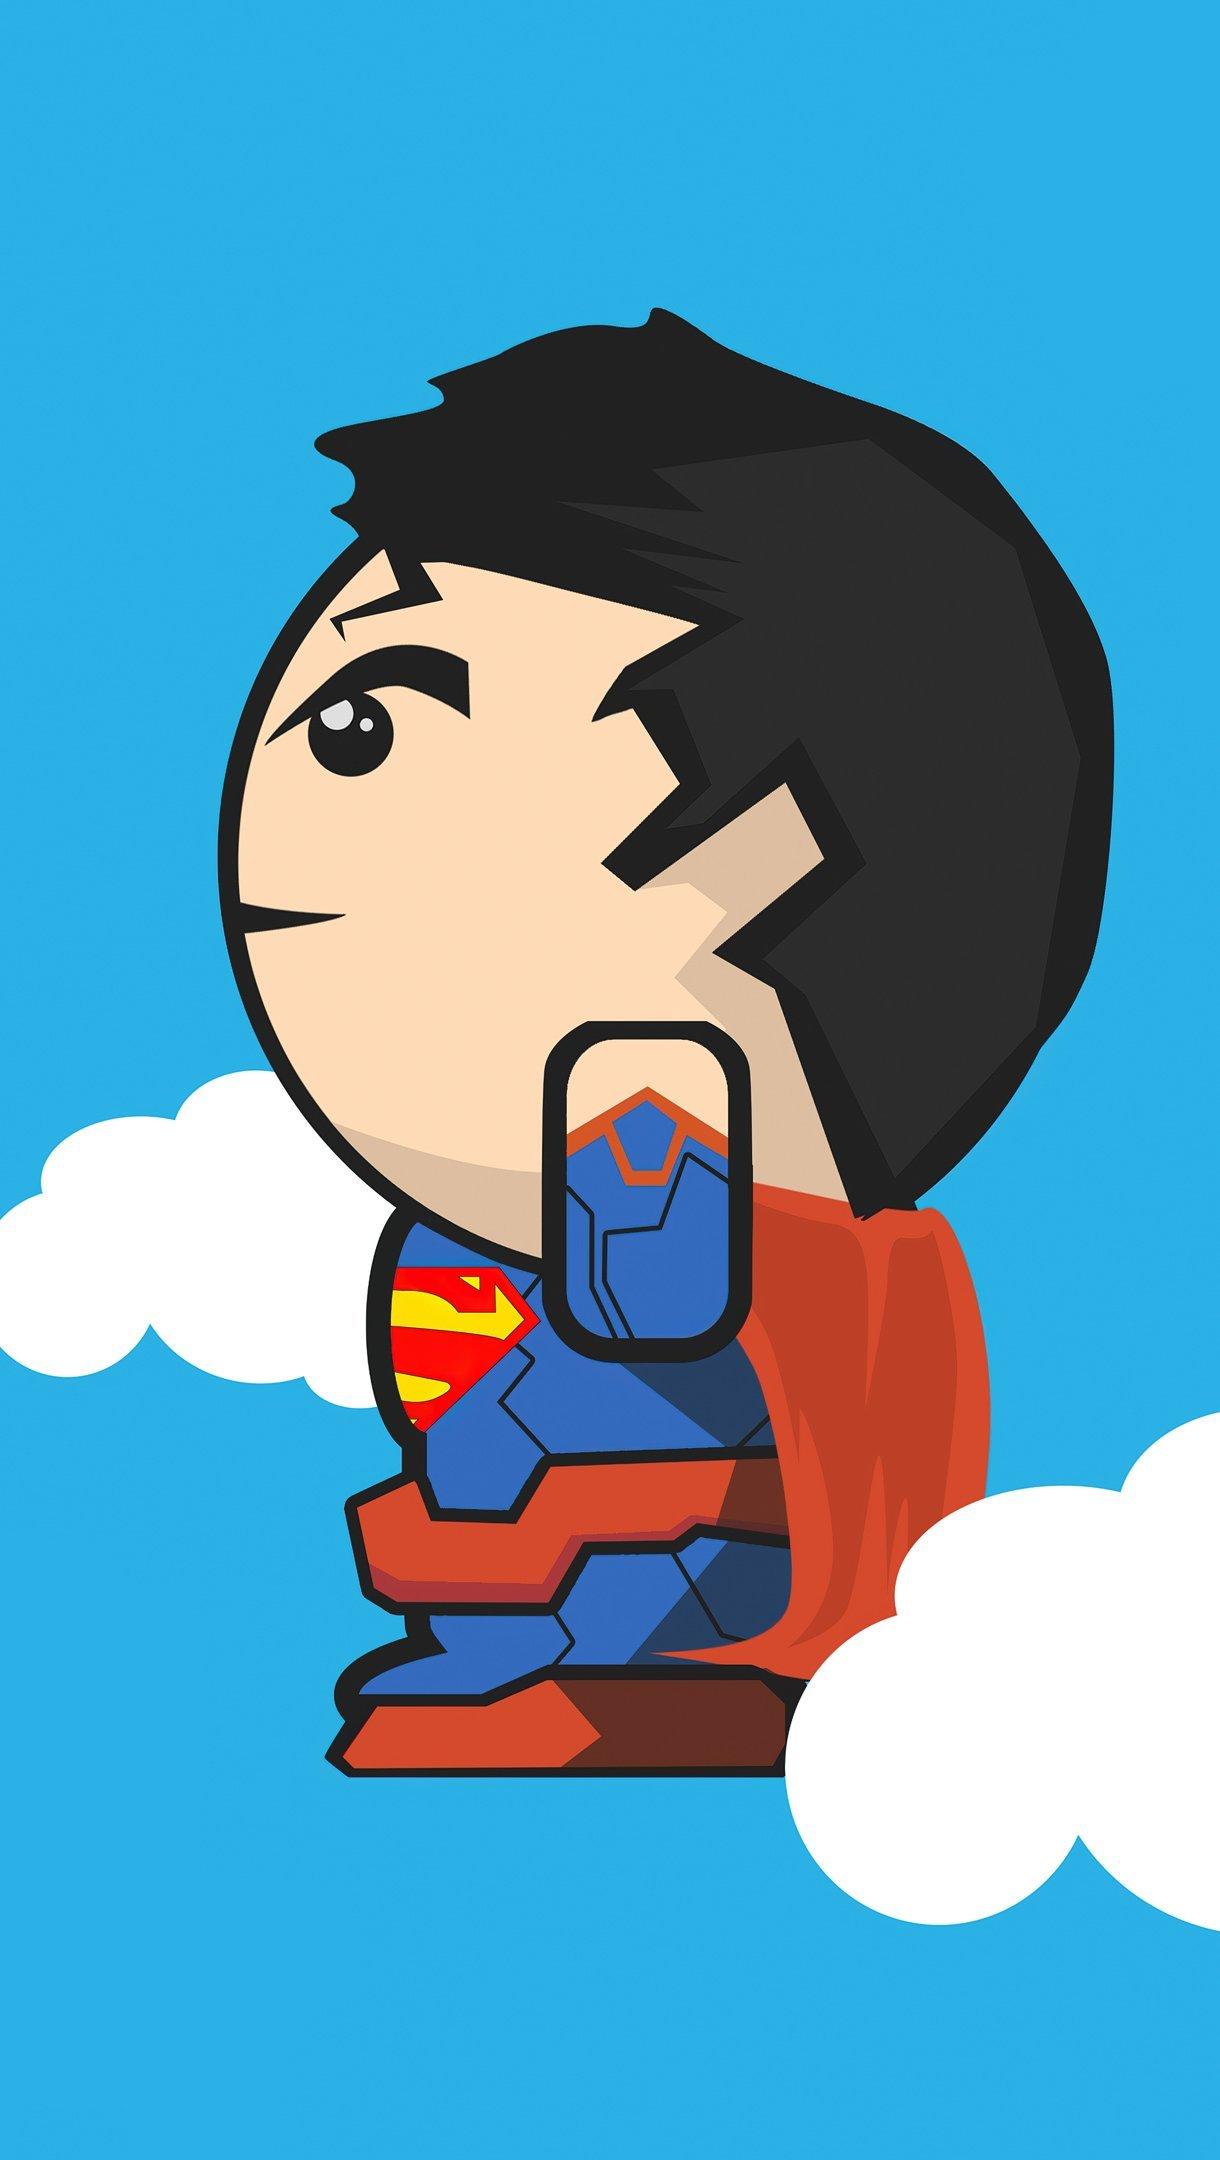 Fondos de pantalla Superman en las nubes minimalista Vertical